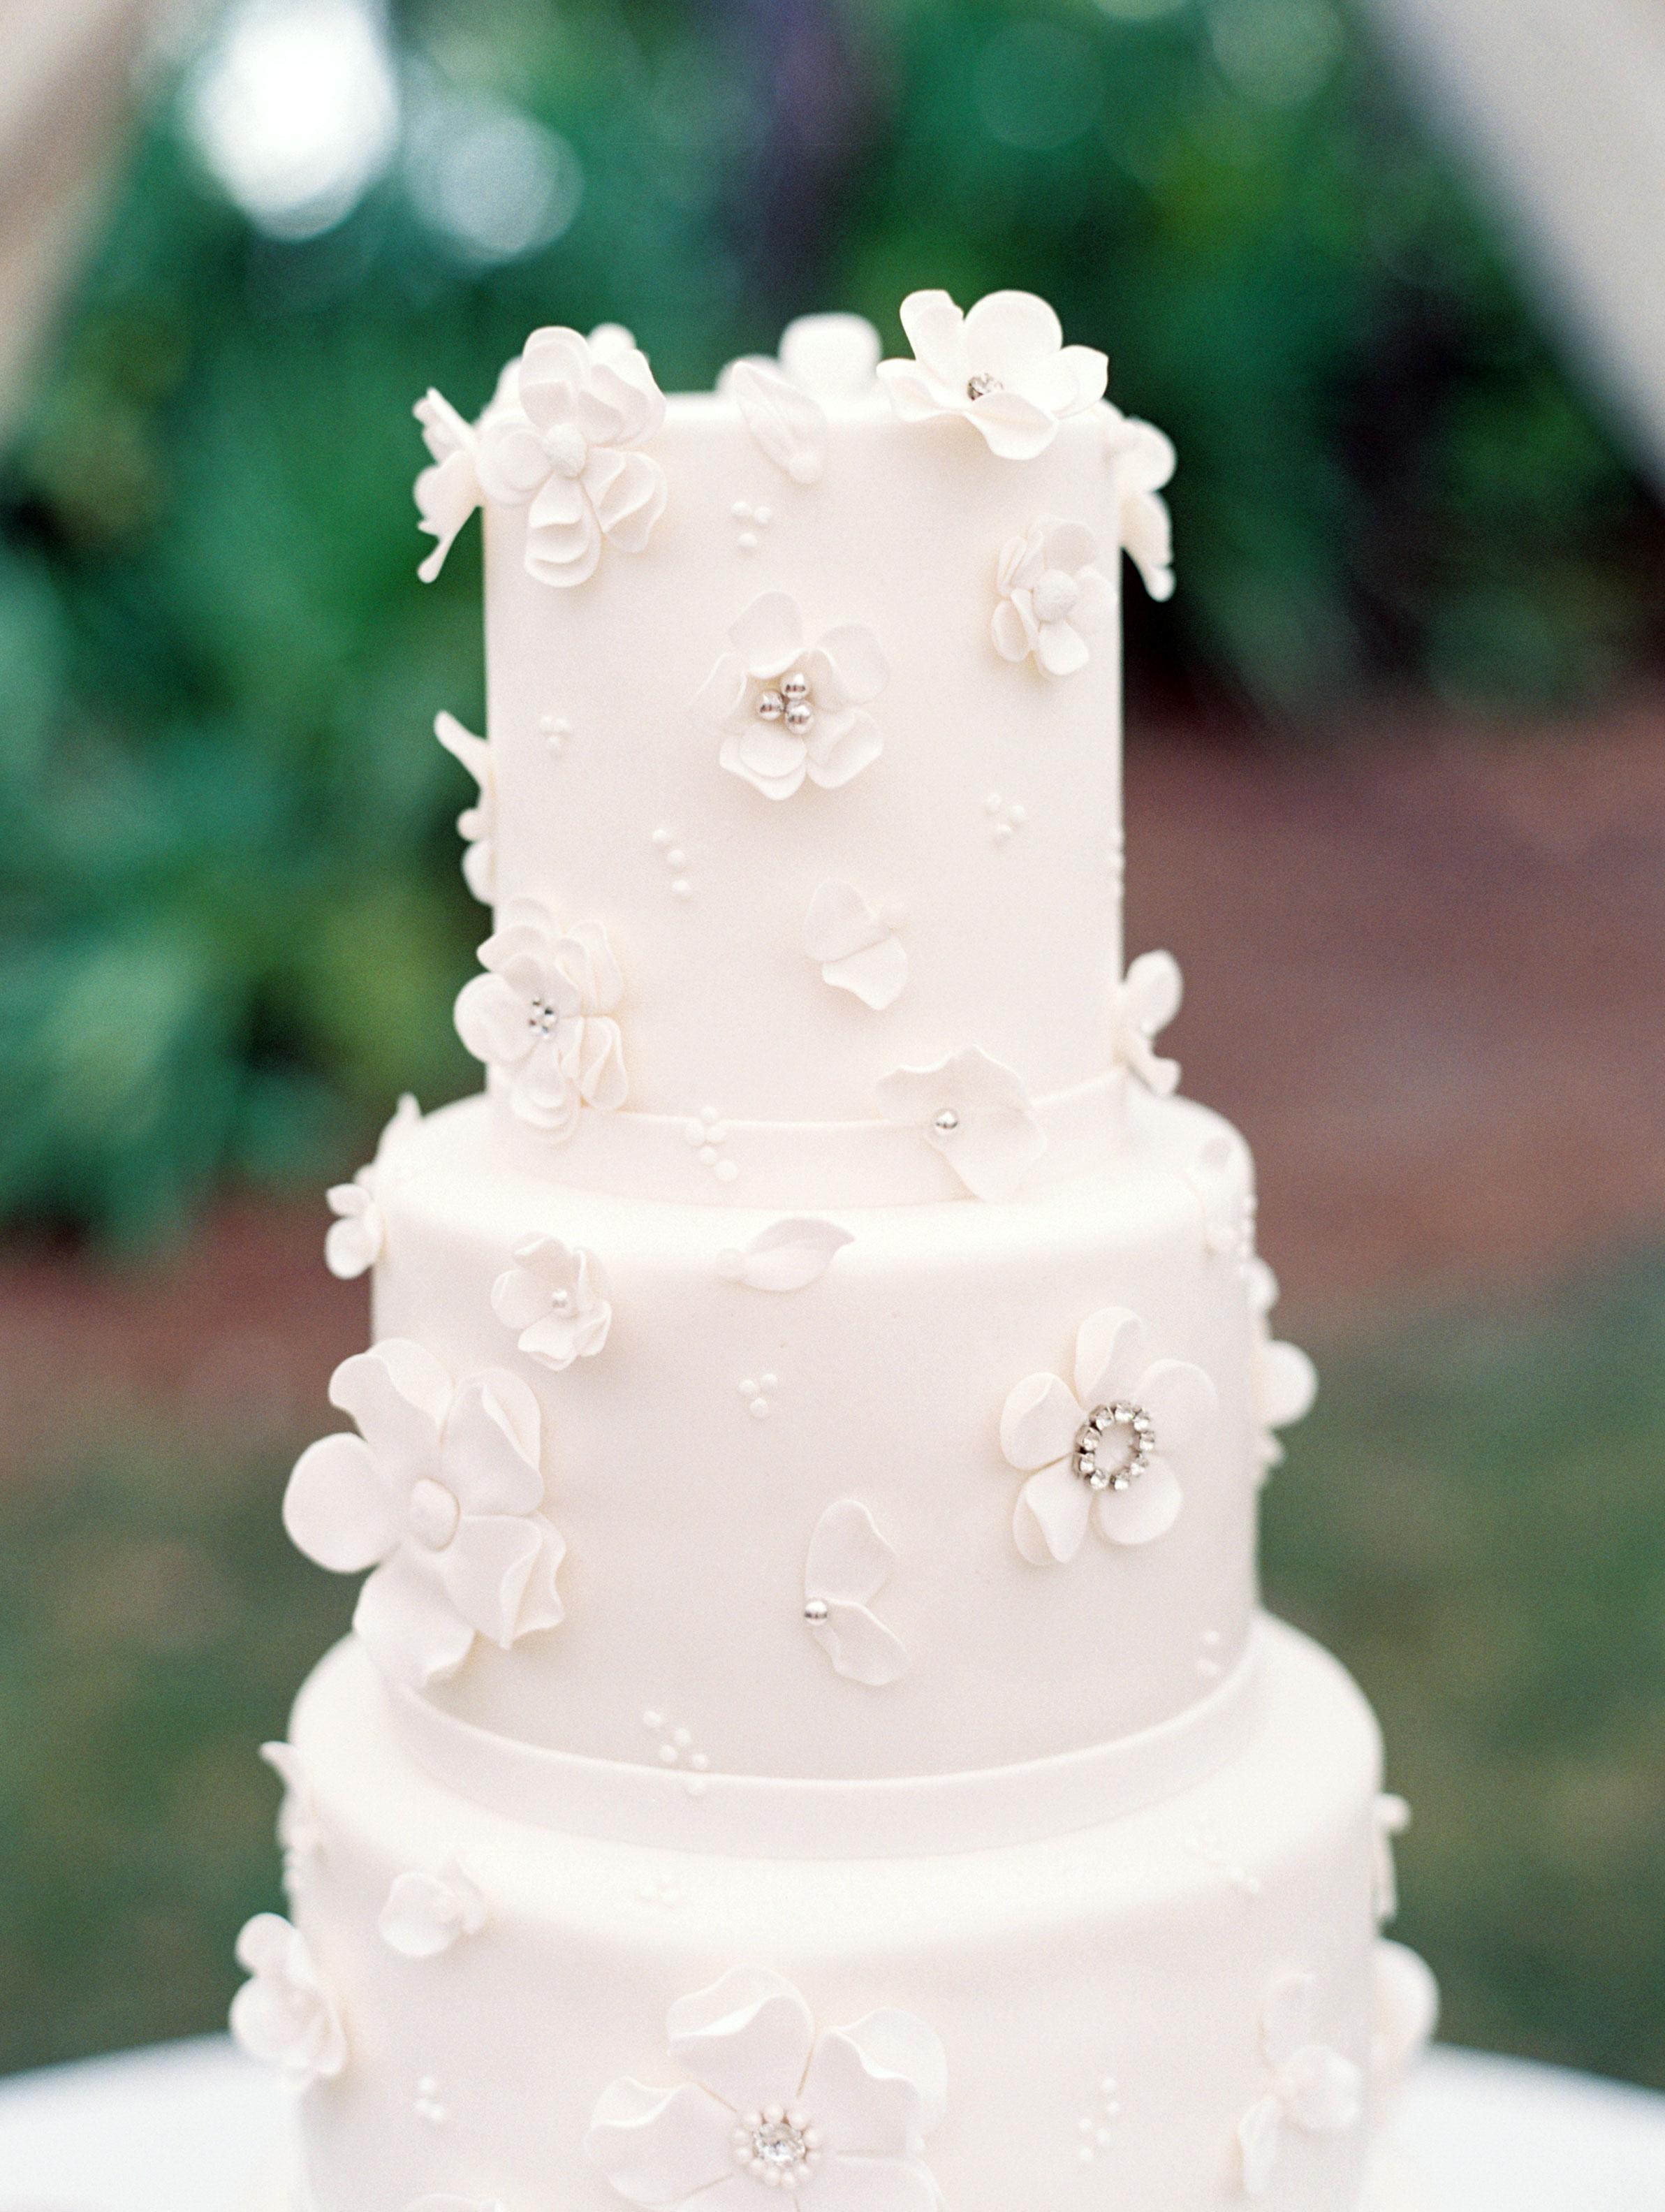 leighton craig wedding white cake with flowers